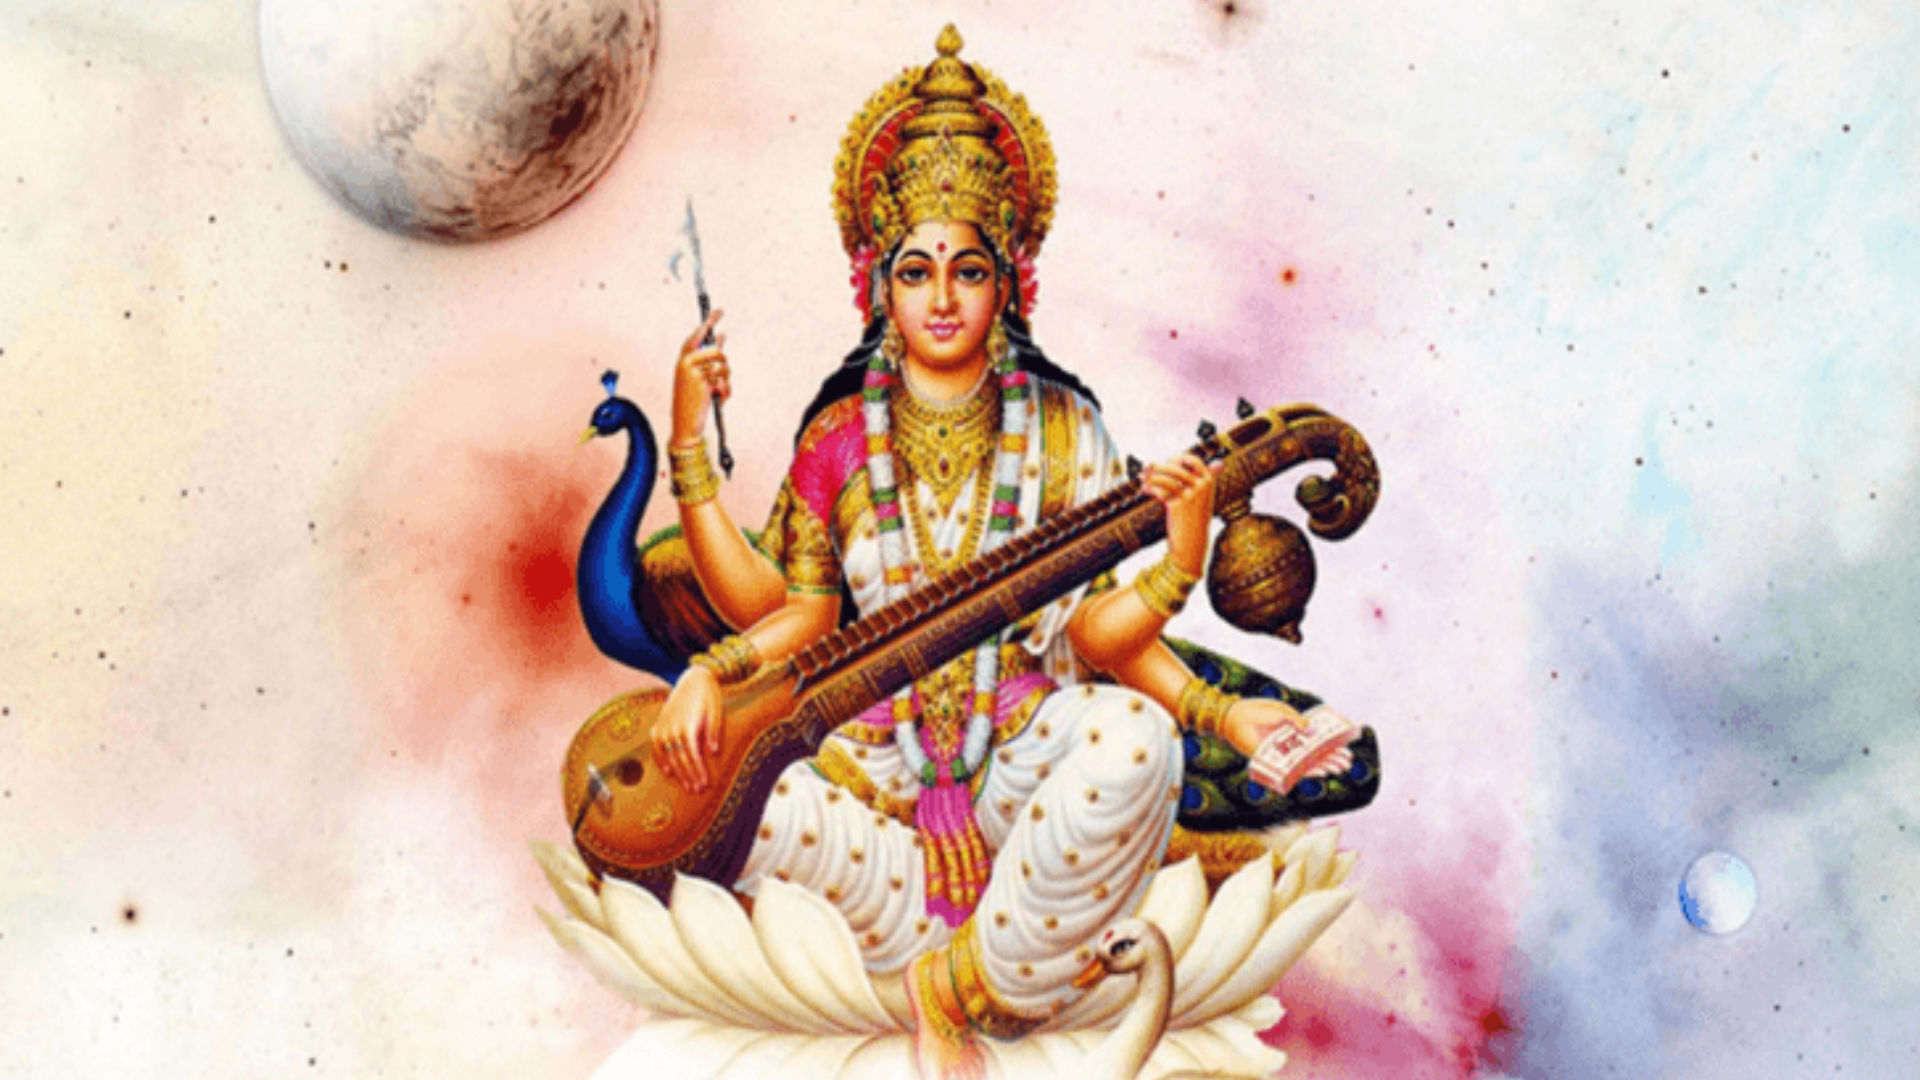 बसंत पंचमी 2019: जानिए कैसे धरती पर भगवान ब्रह्मा की वजह से प्रकट हुई थी मां सरस्वती?